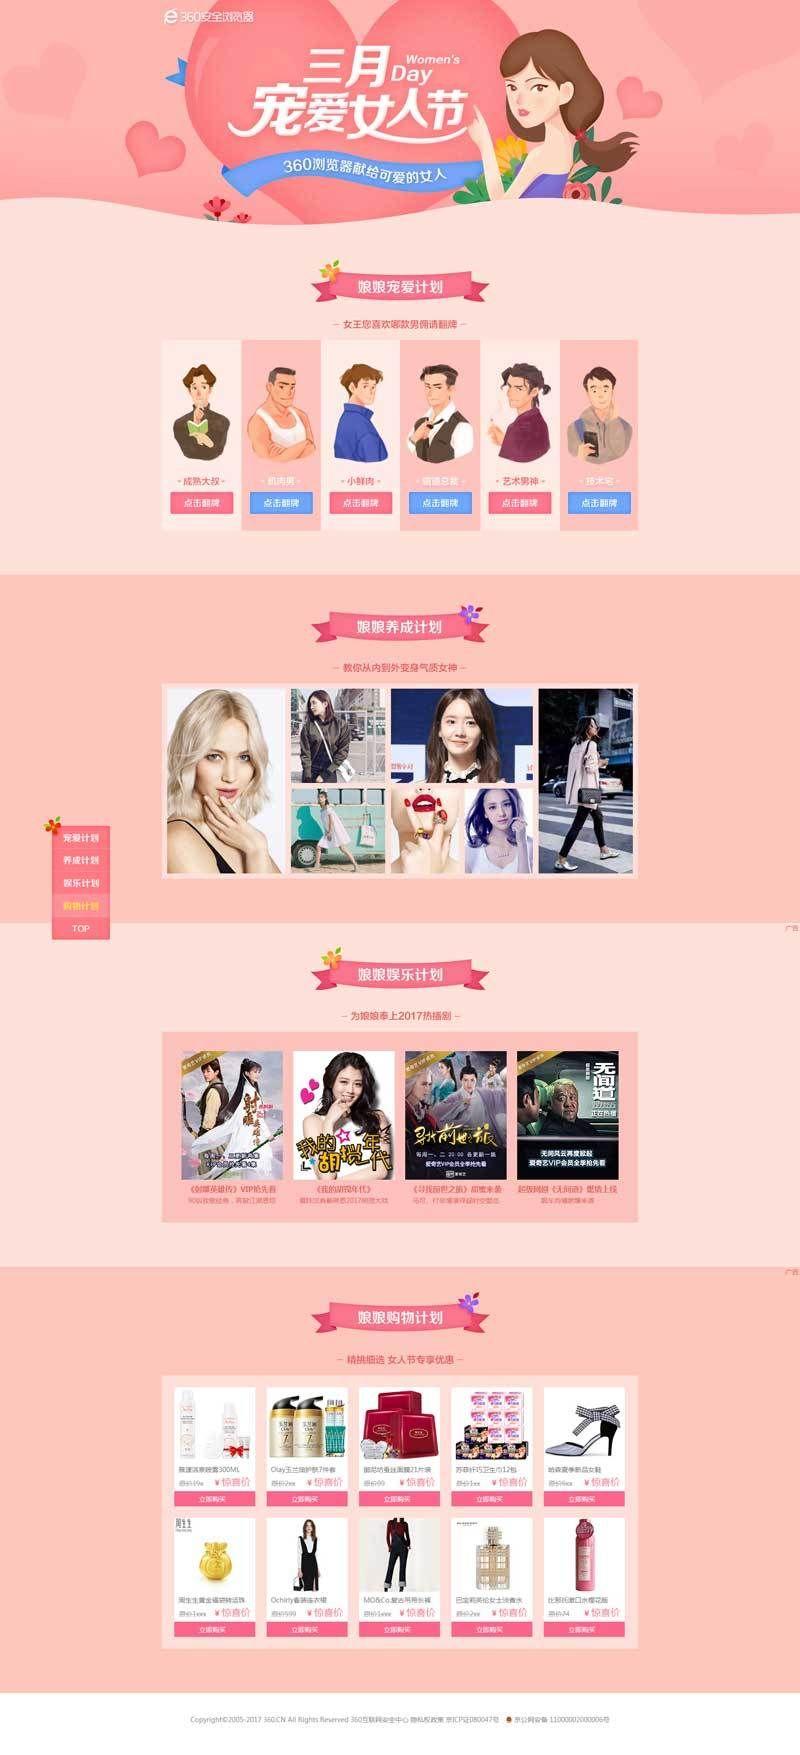 粉色的三八女人节主题活动页面html模板.jpg